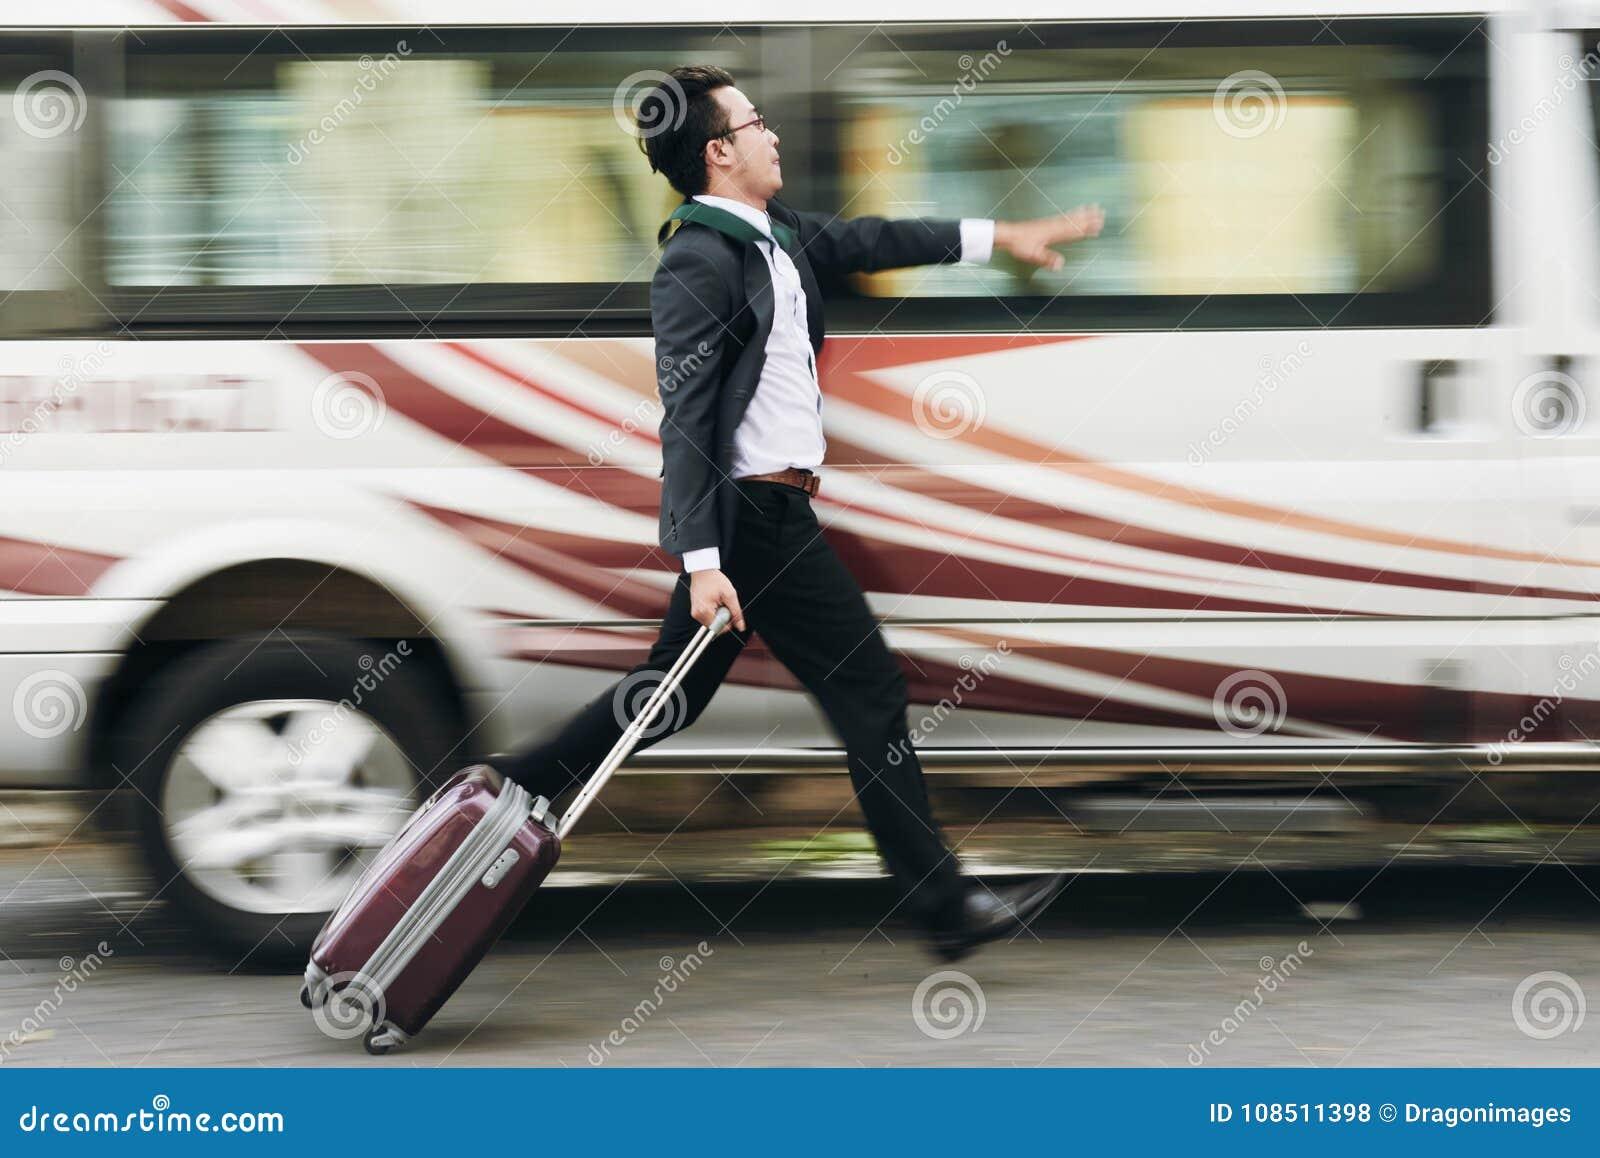 Σύλληψη του λεωφορείου